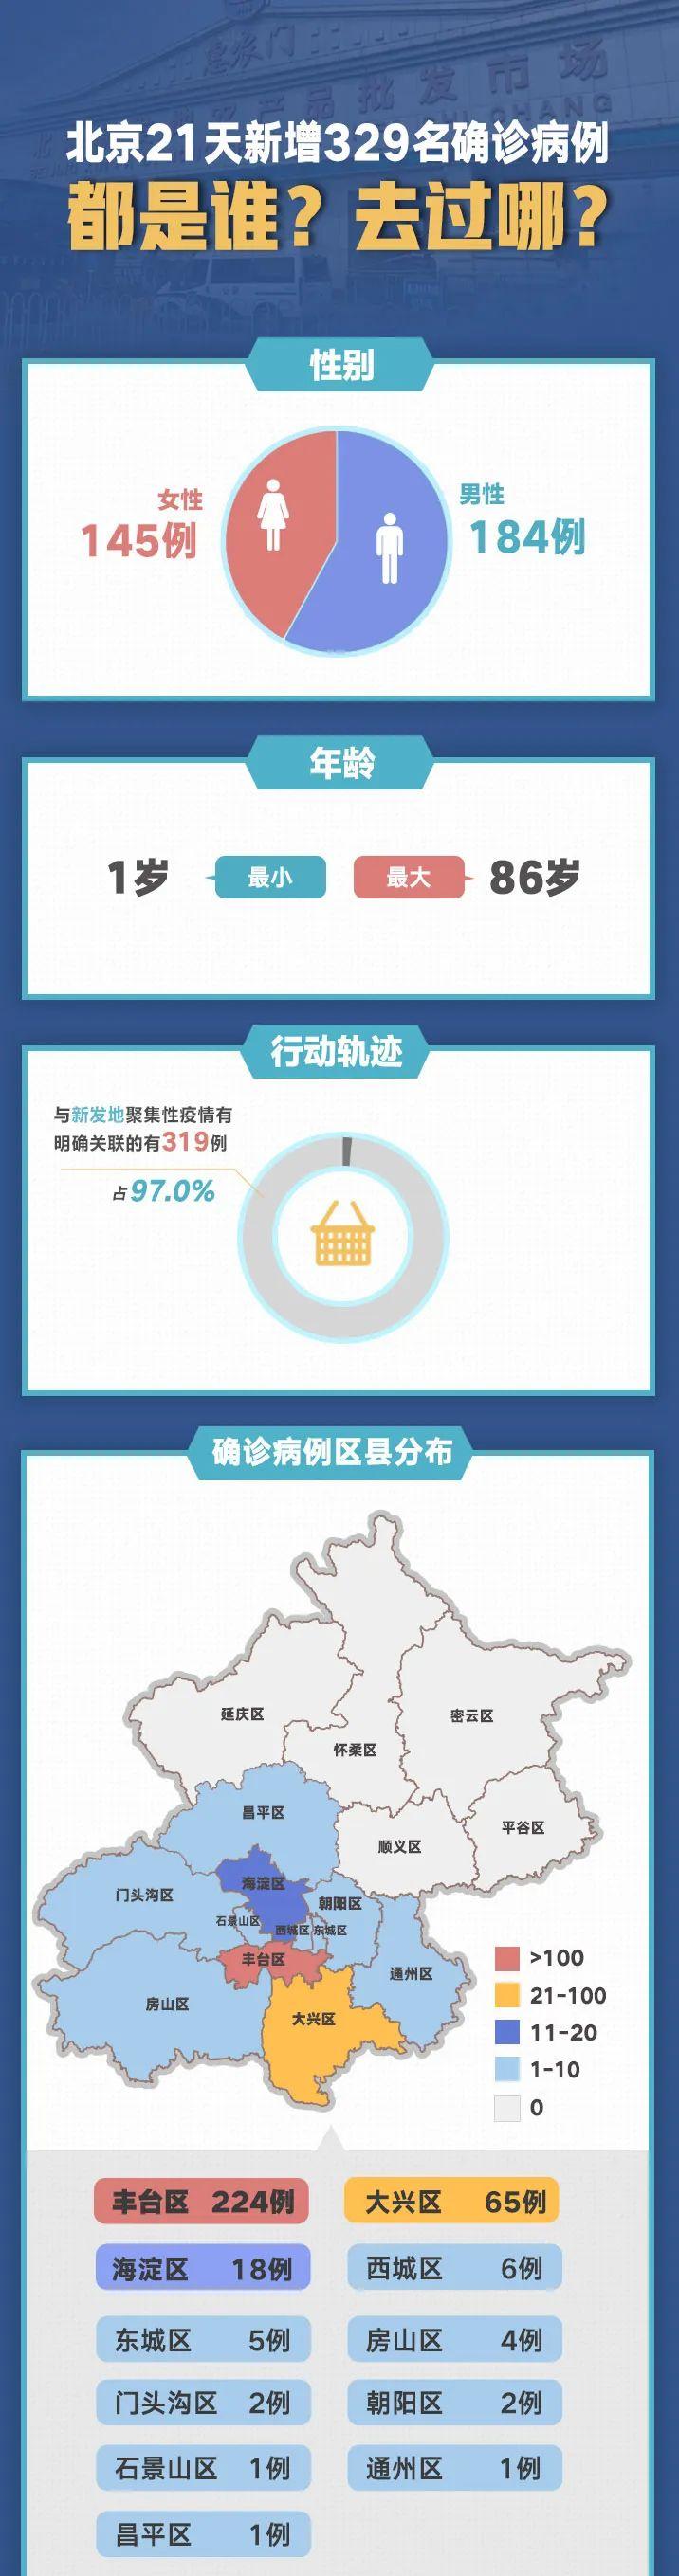 北京 北京21天新增329例,都是谁?去过哪?